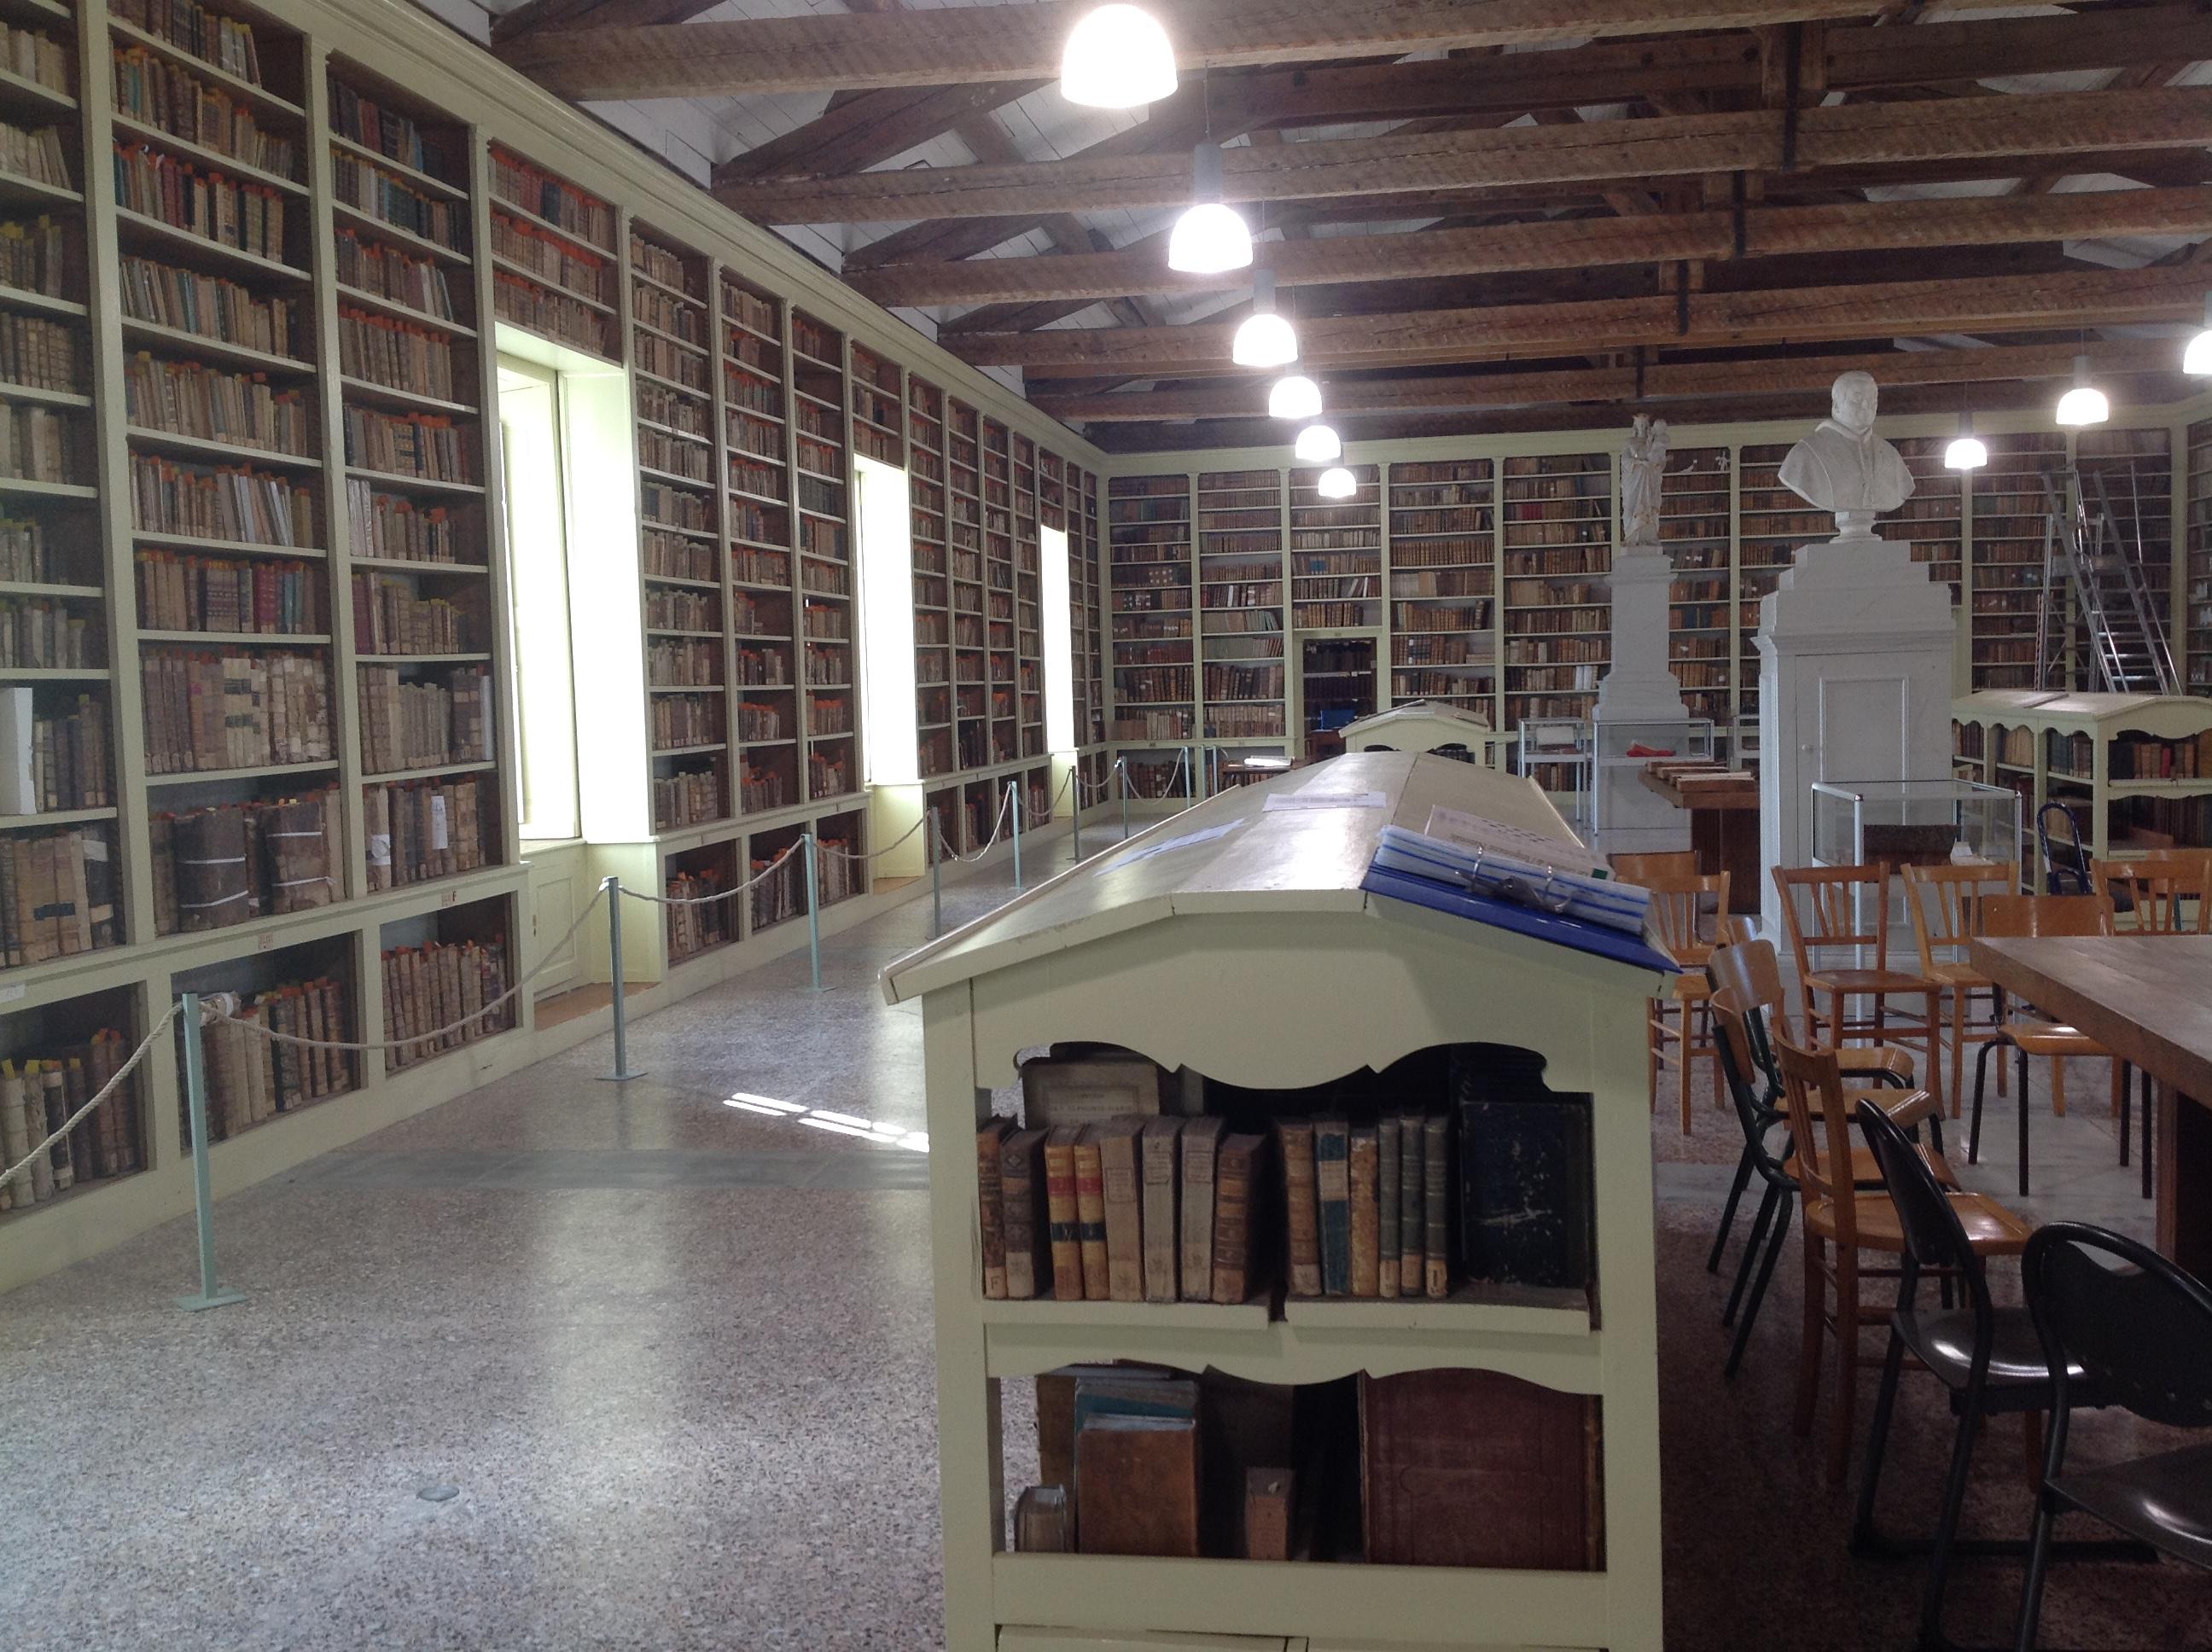 Le 19.10 Visite de la bibliothèque de séminaire de Viviers